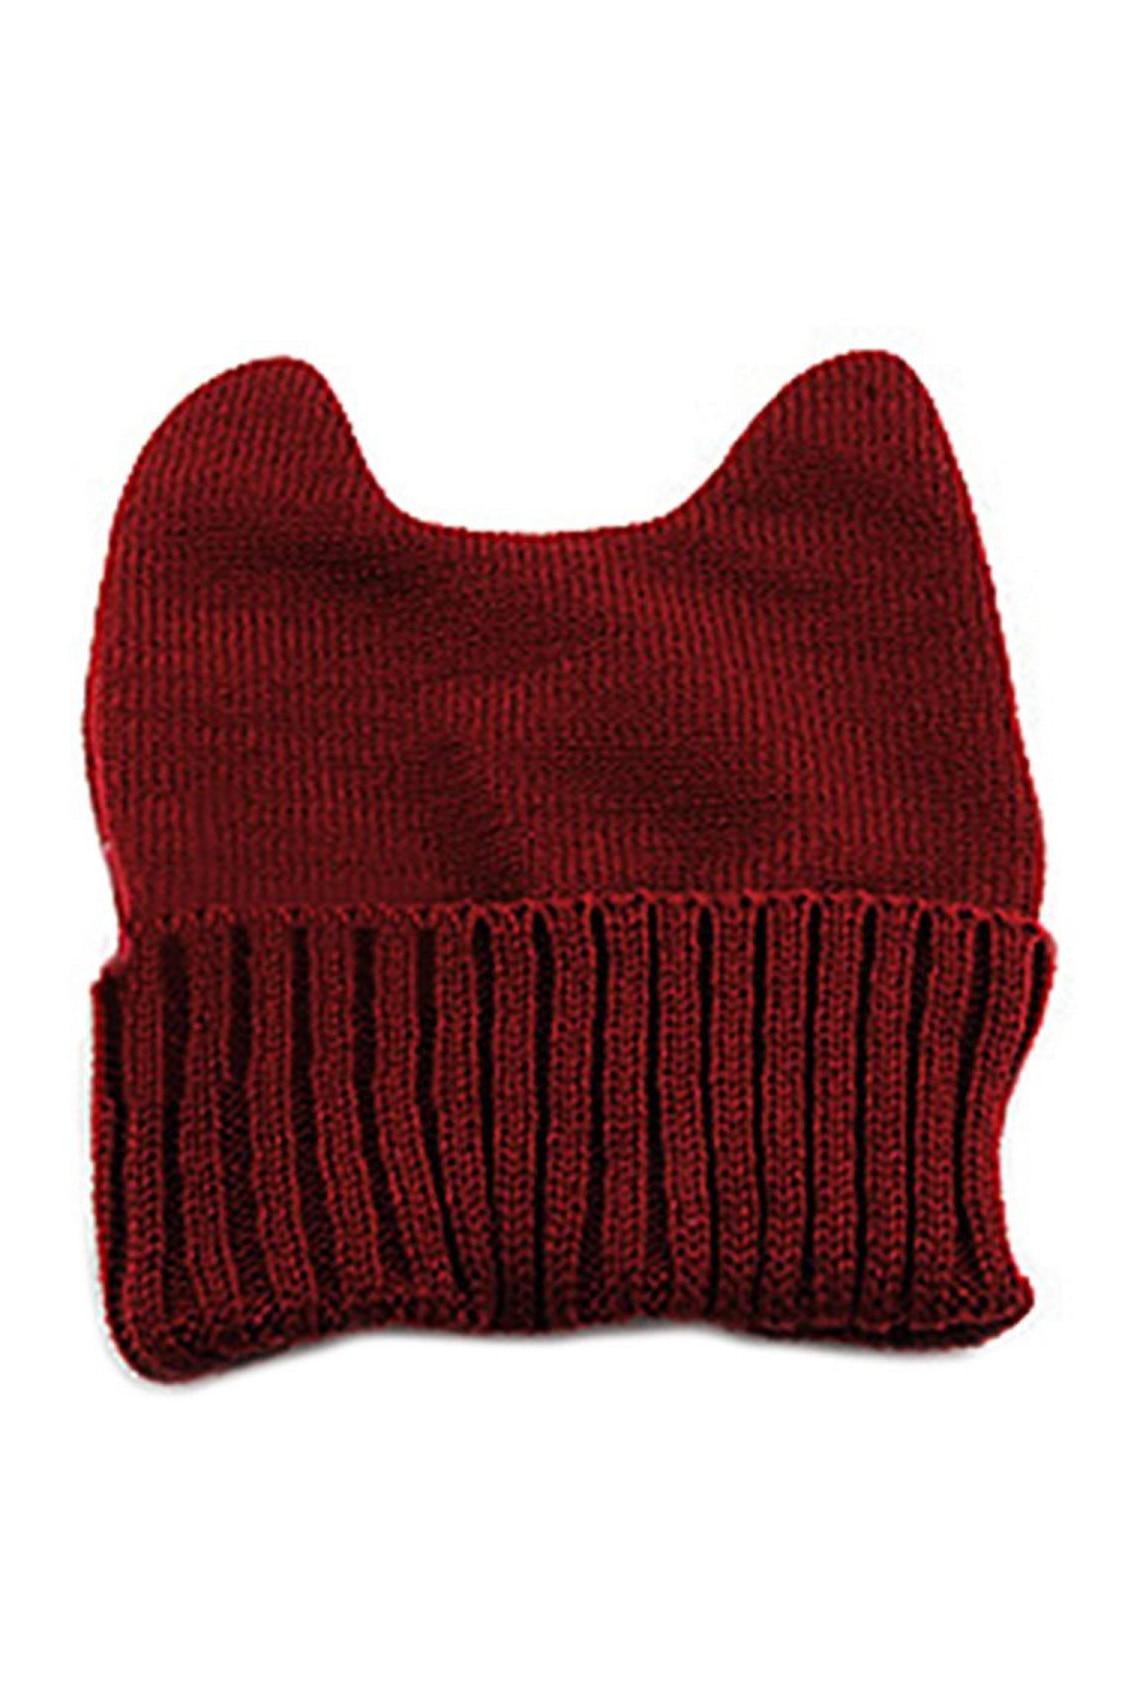 SAF-Women's Warm Winter Cat Ear Shape Knitted Hat Claret